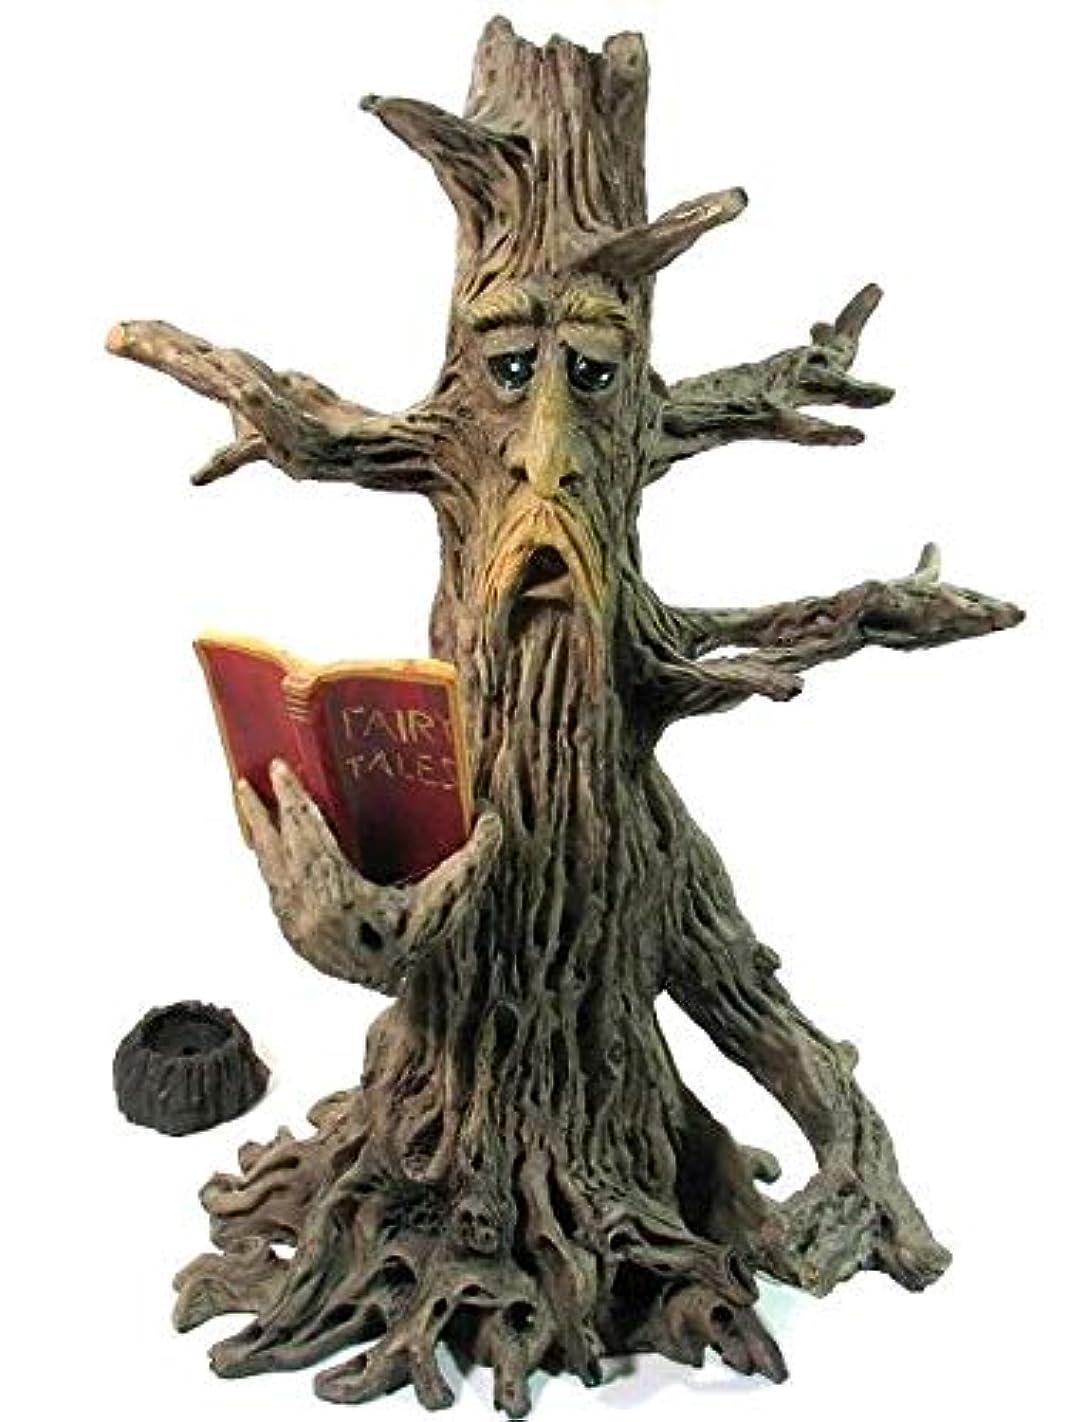 アルファベット汚染地味な[INCENSE GOODS(インセンスグッズ)] TREE MAN READING BOOK INCENSE BURNER 木の精香立